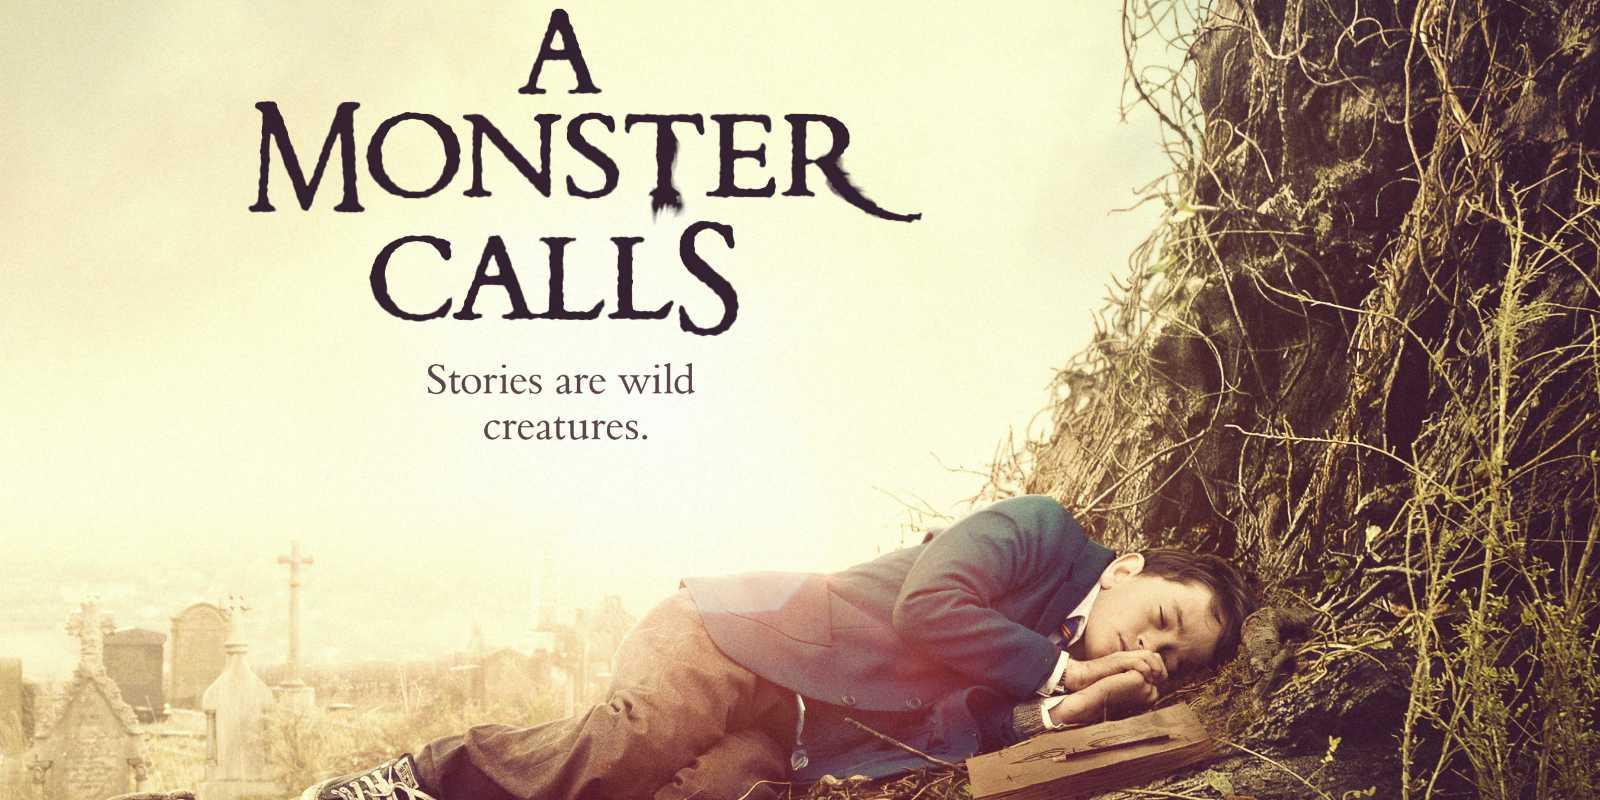 a-monster-calls_static-srcdn-com